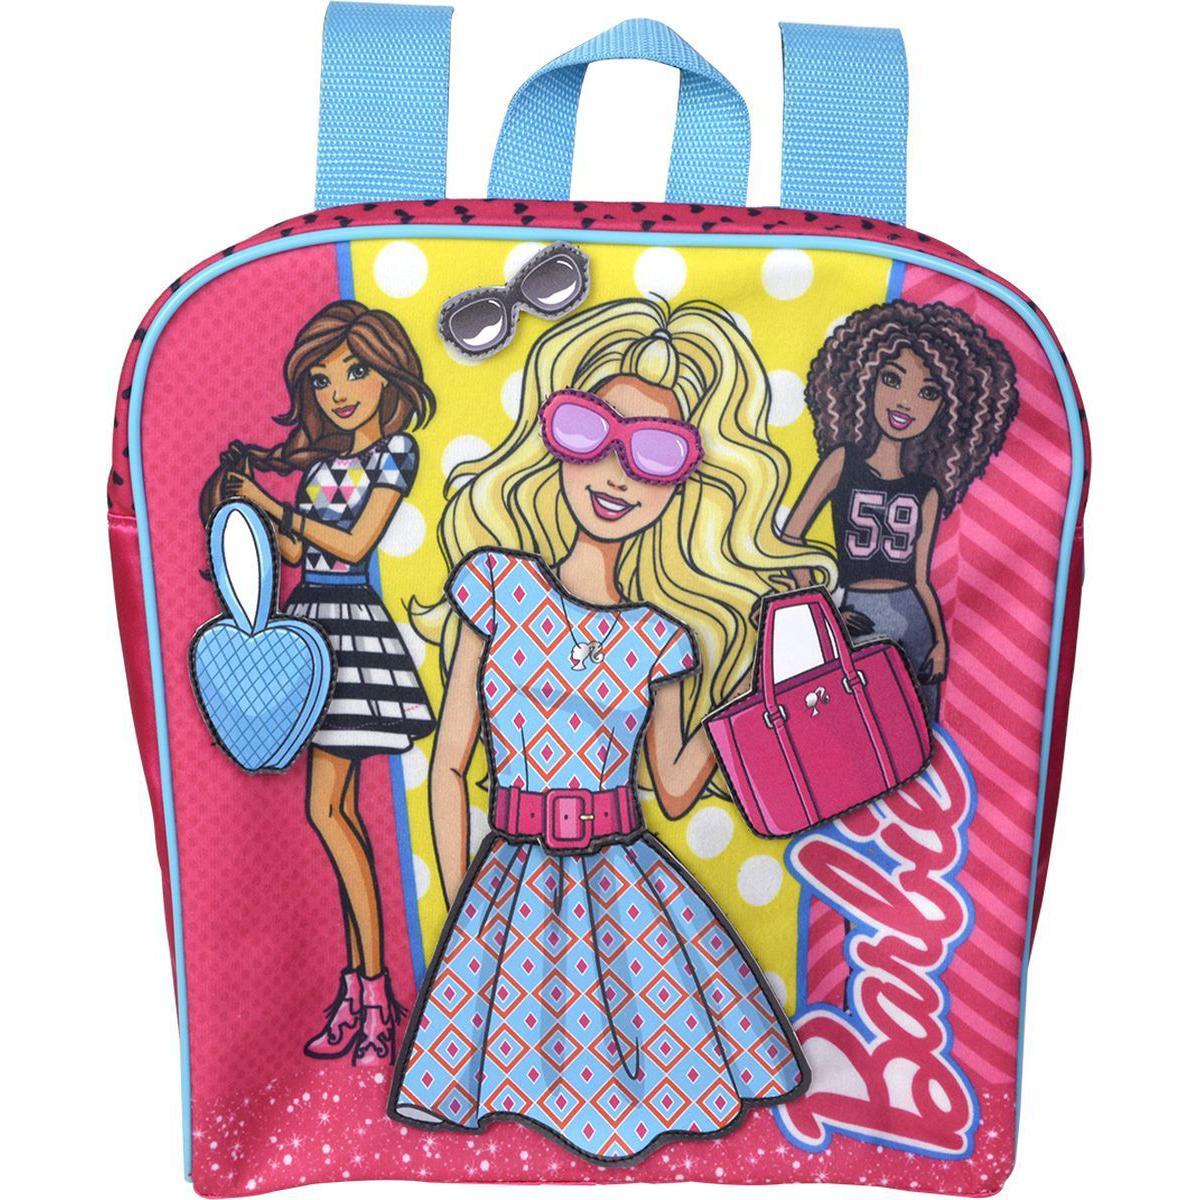 Детская косметика барби для девочек купить вход координатора эйвон